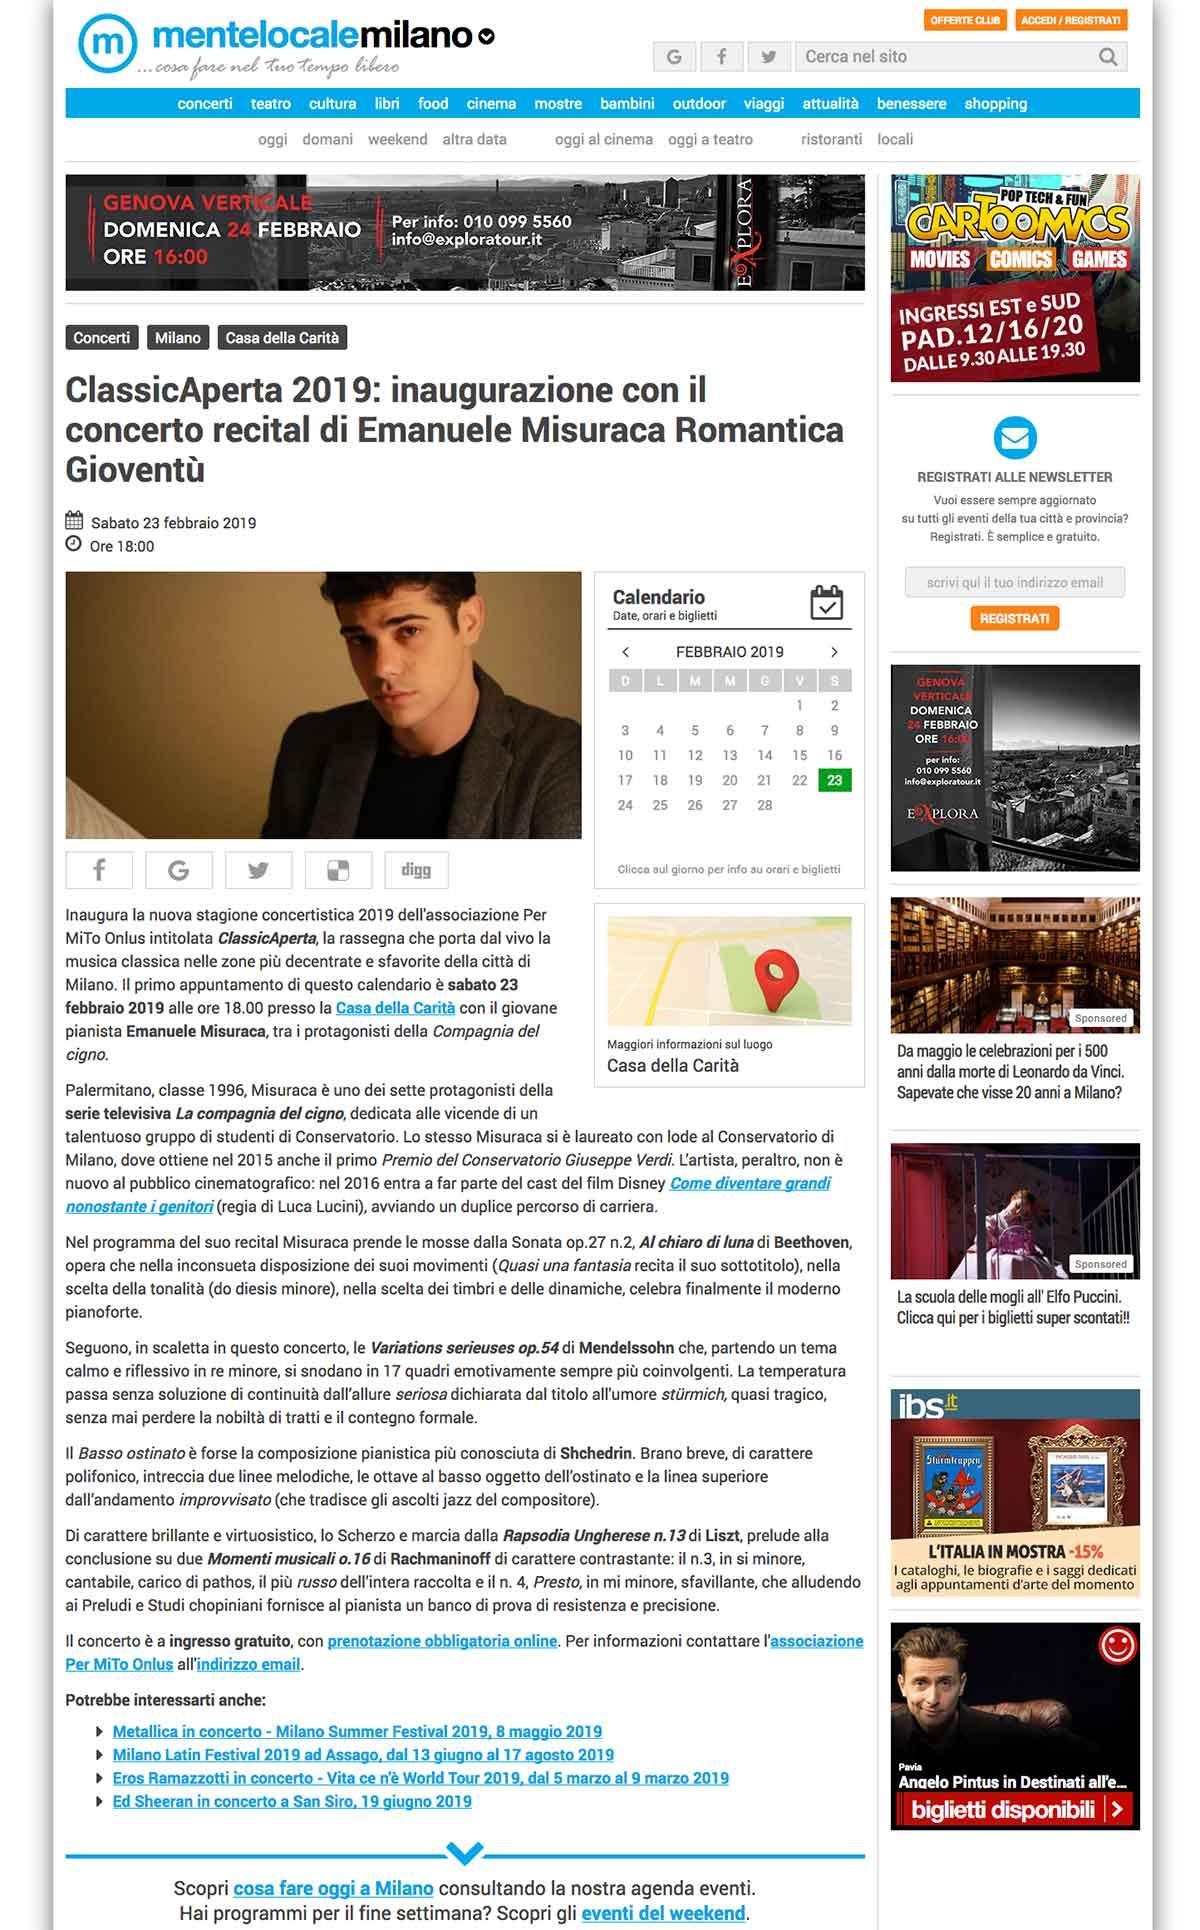 ClassicAperta 2019: inaugurazione con il concerto recital di Emanuele Misuraca Romantica Gioventù